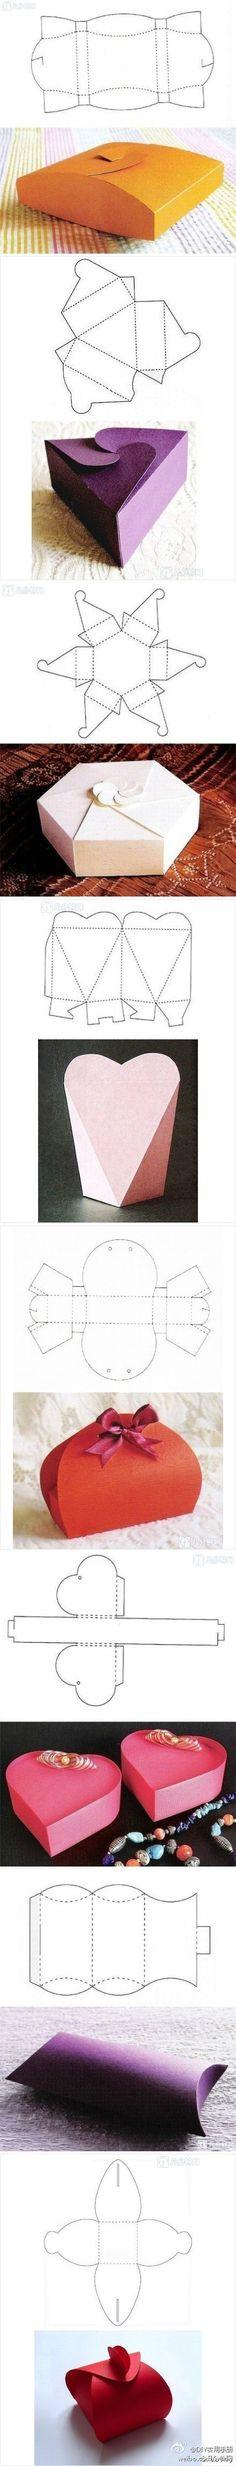 Des boîtes cadeaux de différentes formes (patrons à imprimer)